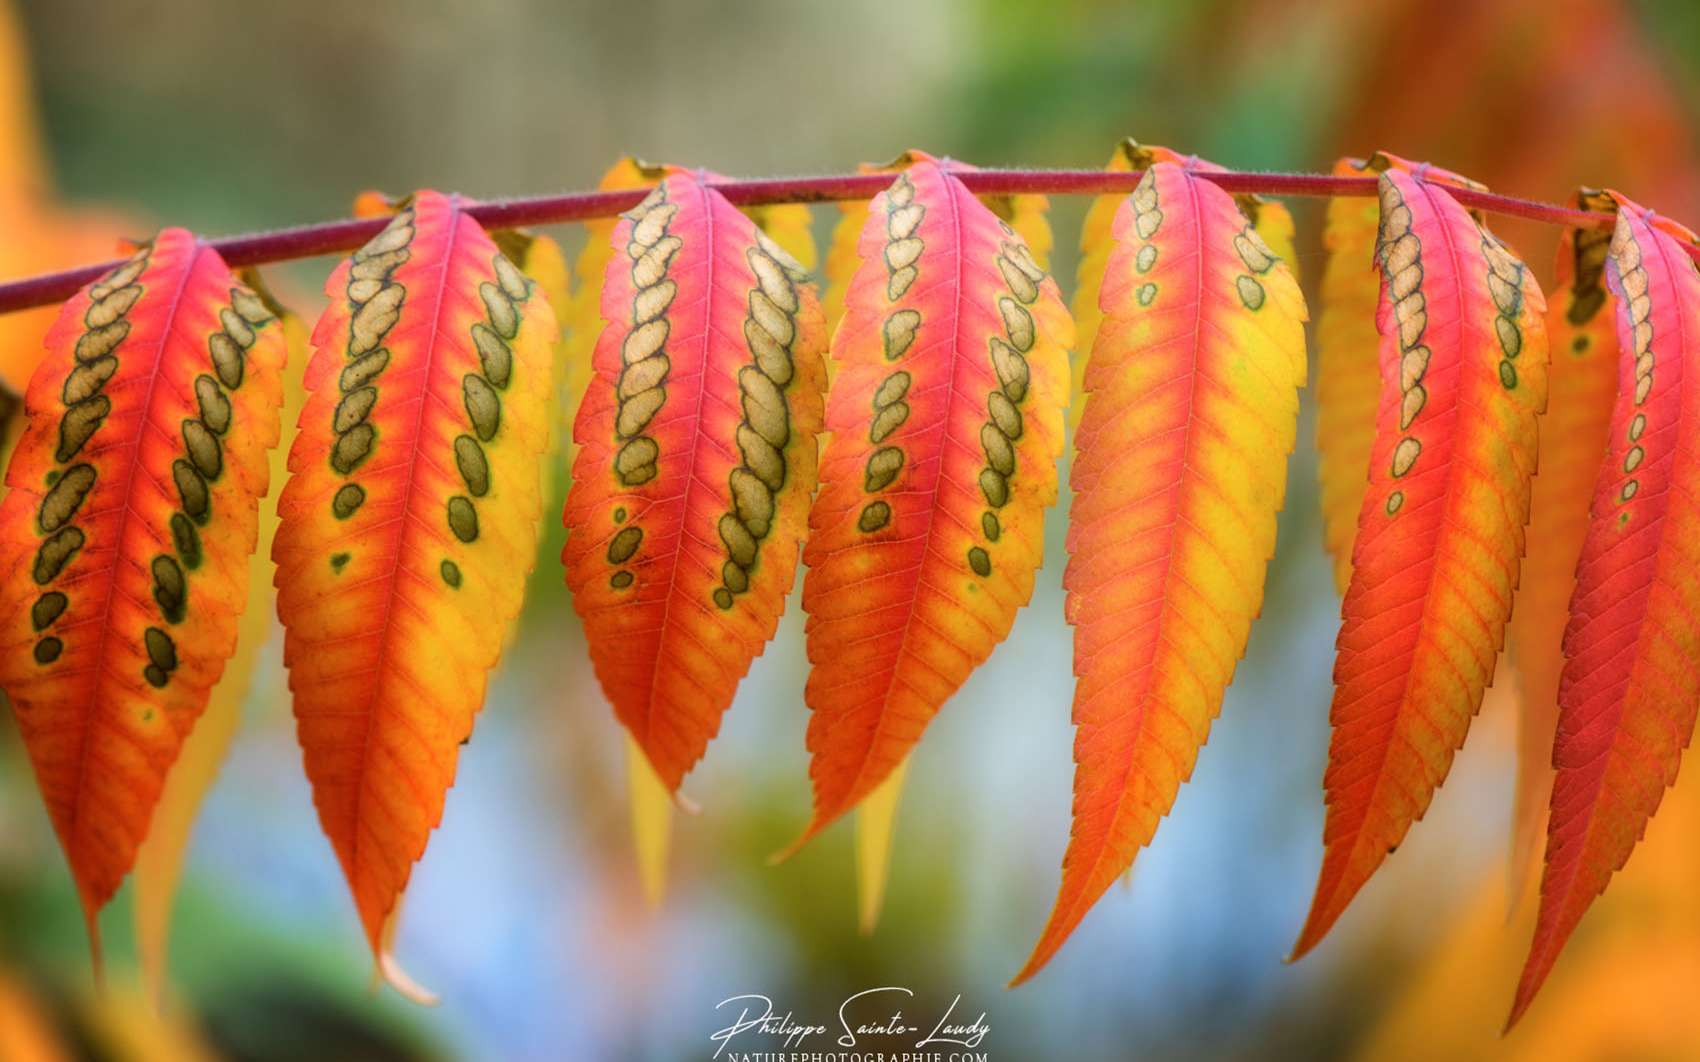 Équilibre parfait des tons chauds sur cette branche d'un sumac de Virginie. Dame Nature a pris ses pinceaux et a méticuleusement posé ses couleurs d'automne sur ces feuilles parfaitement alignées. © Philippe Sainte-Laudy. Tous droits réservés